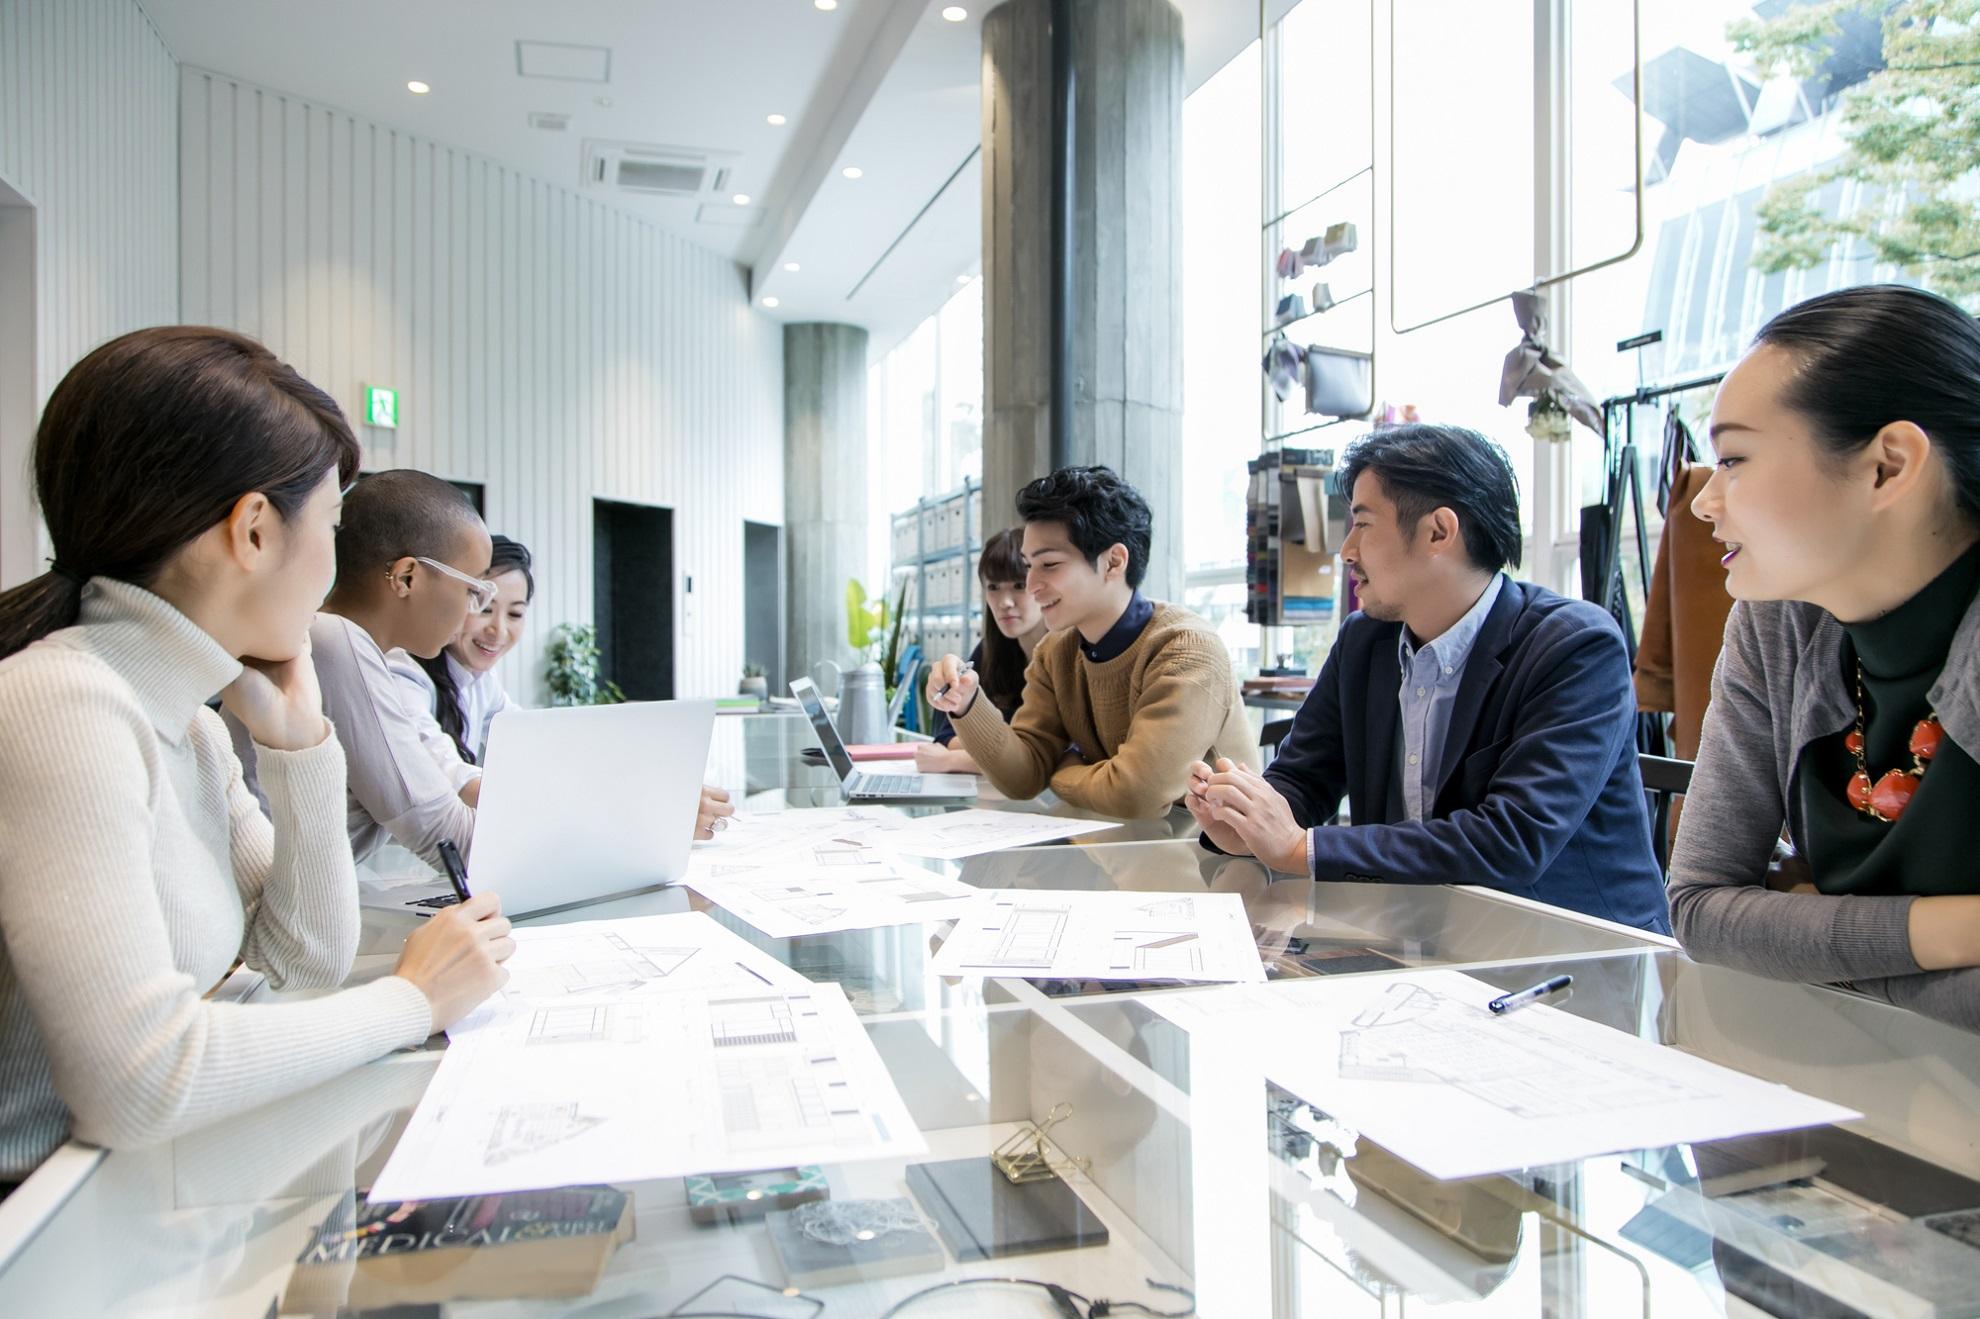 コミュニケーション能力を重視している企業は多い!!